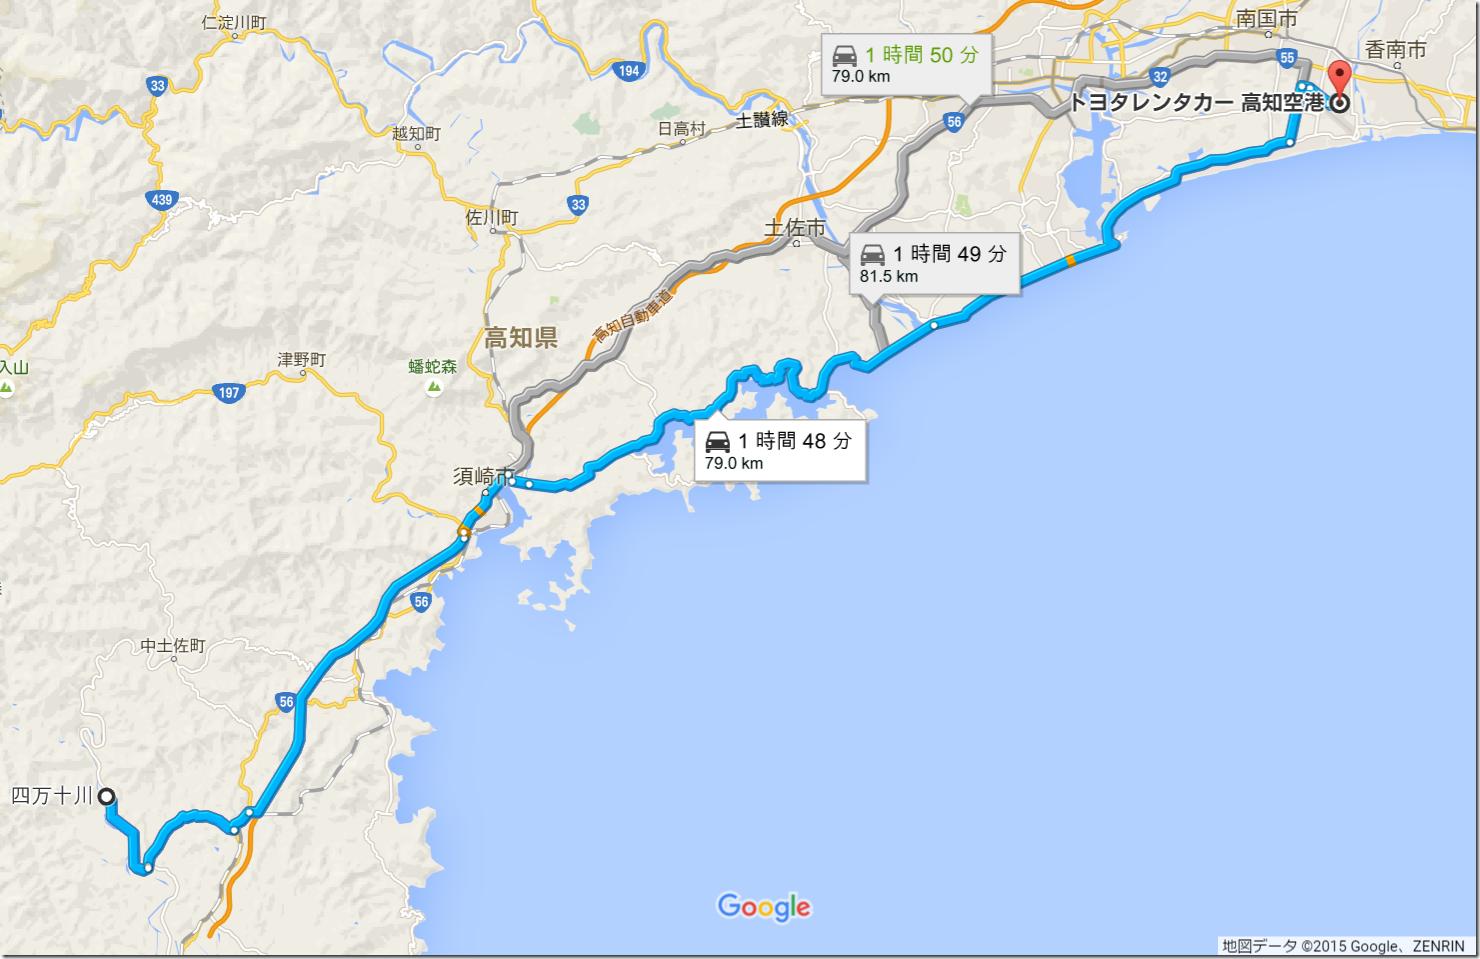 一斗俵沈下橋-トヨタレンタカー高知空港店